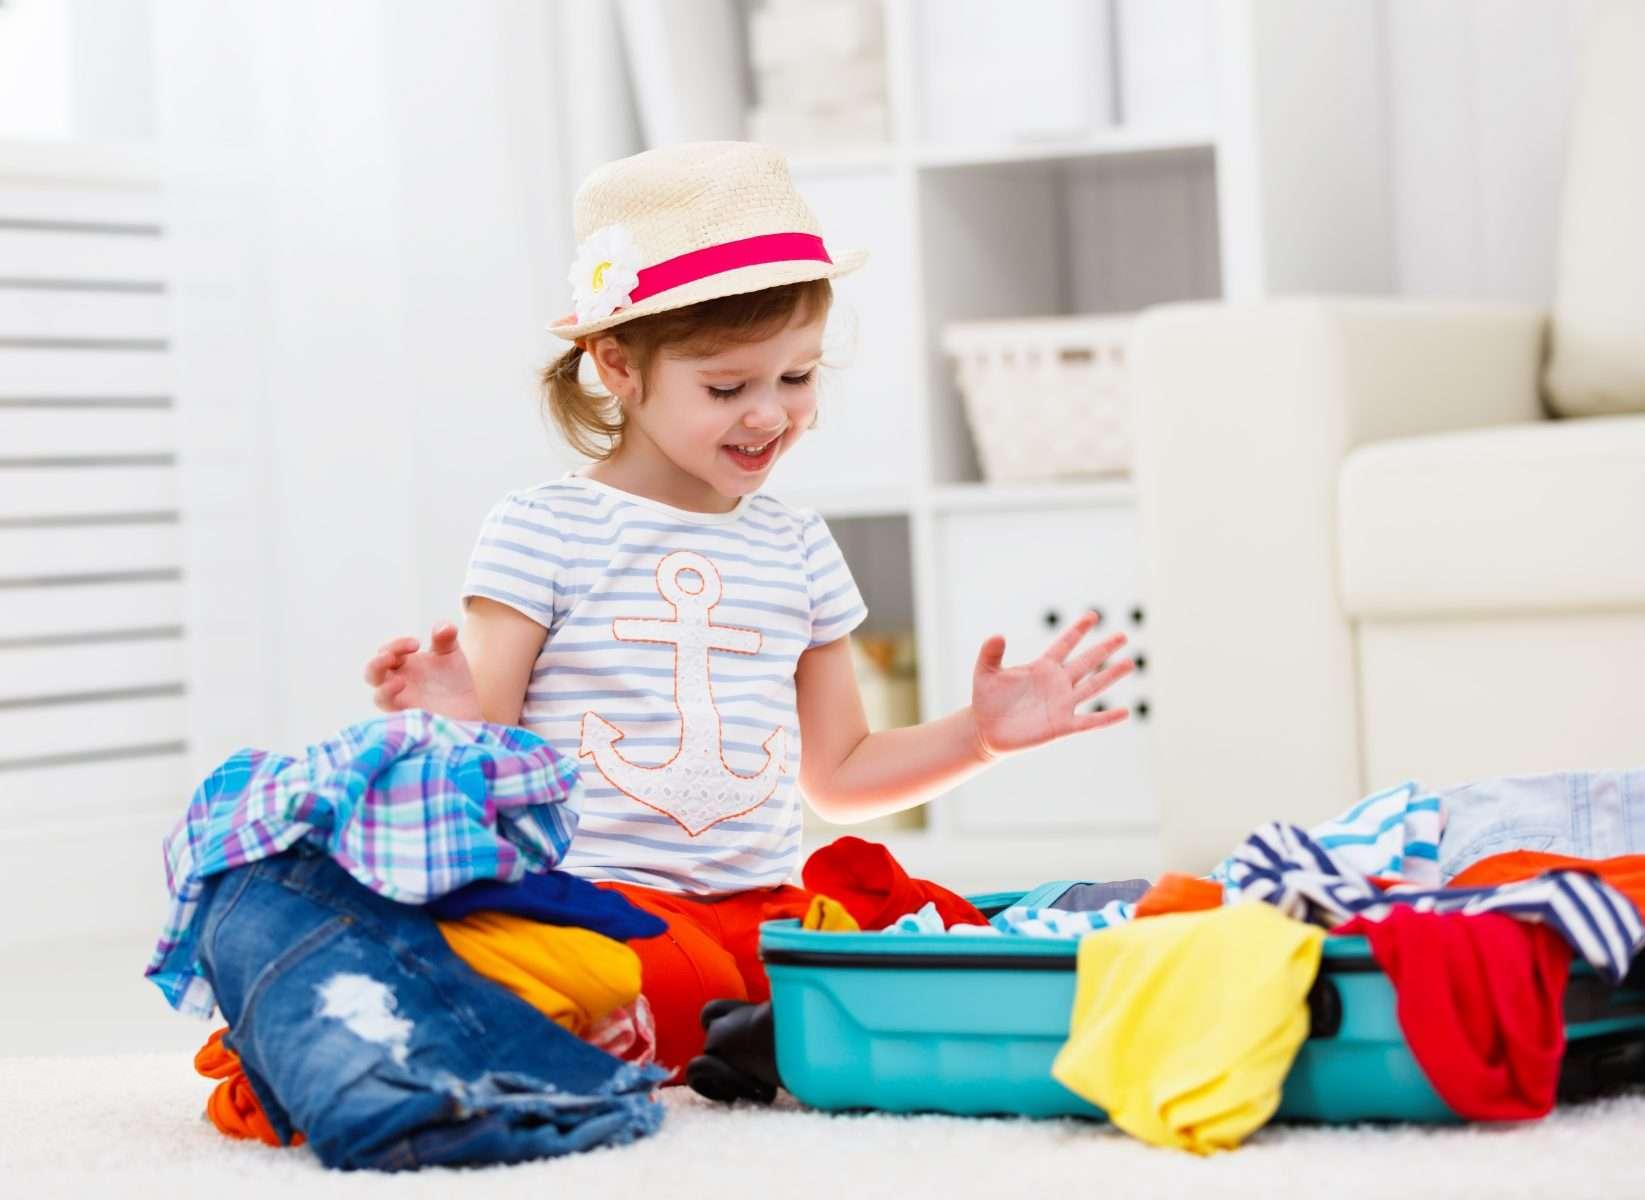 هل أترك لطفلي حرية الاختيار؟